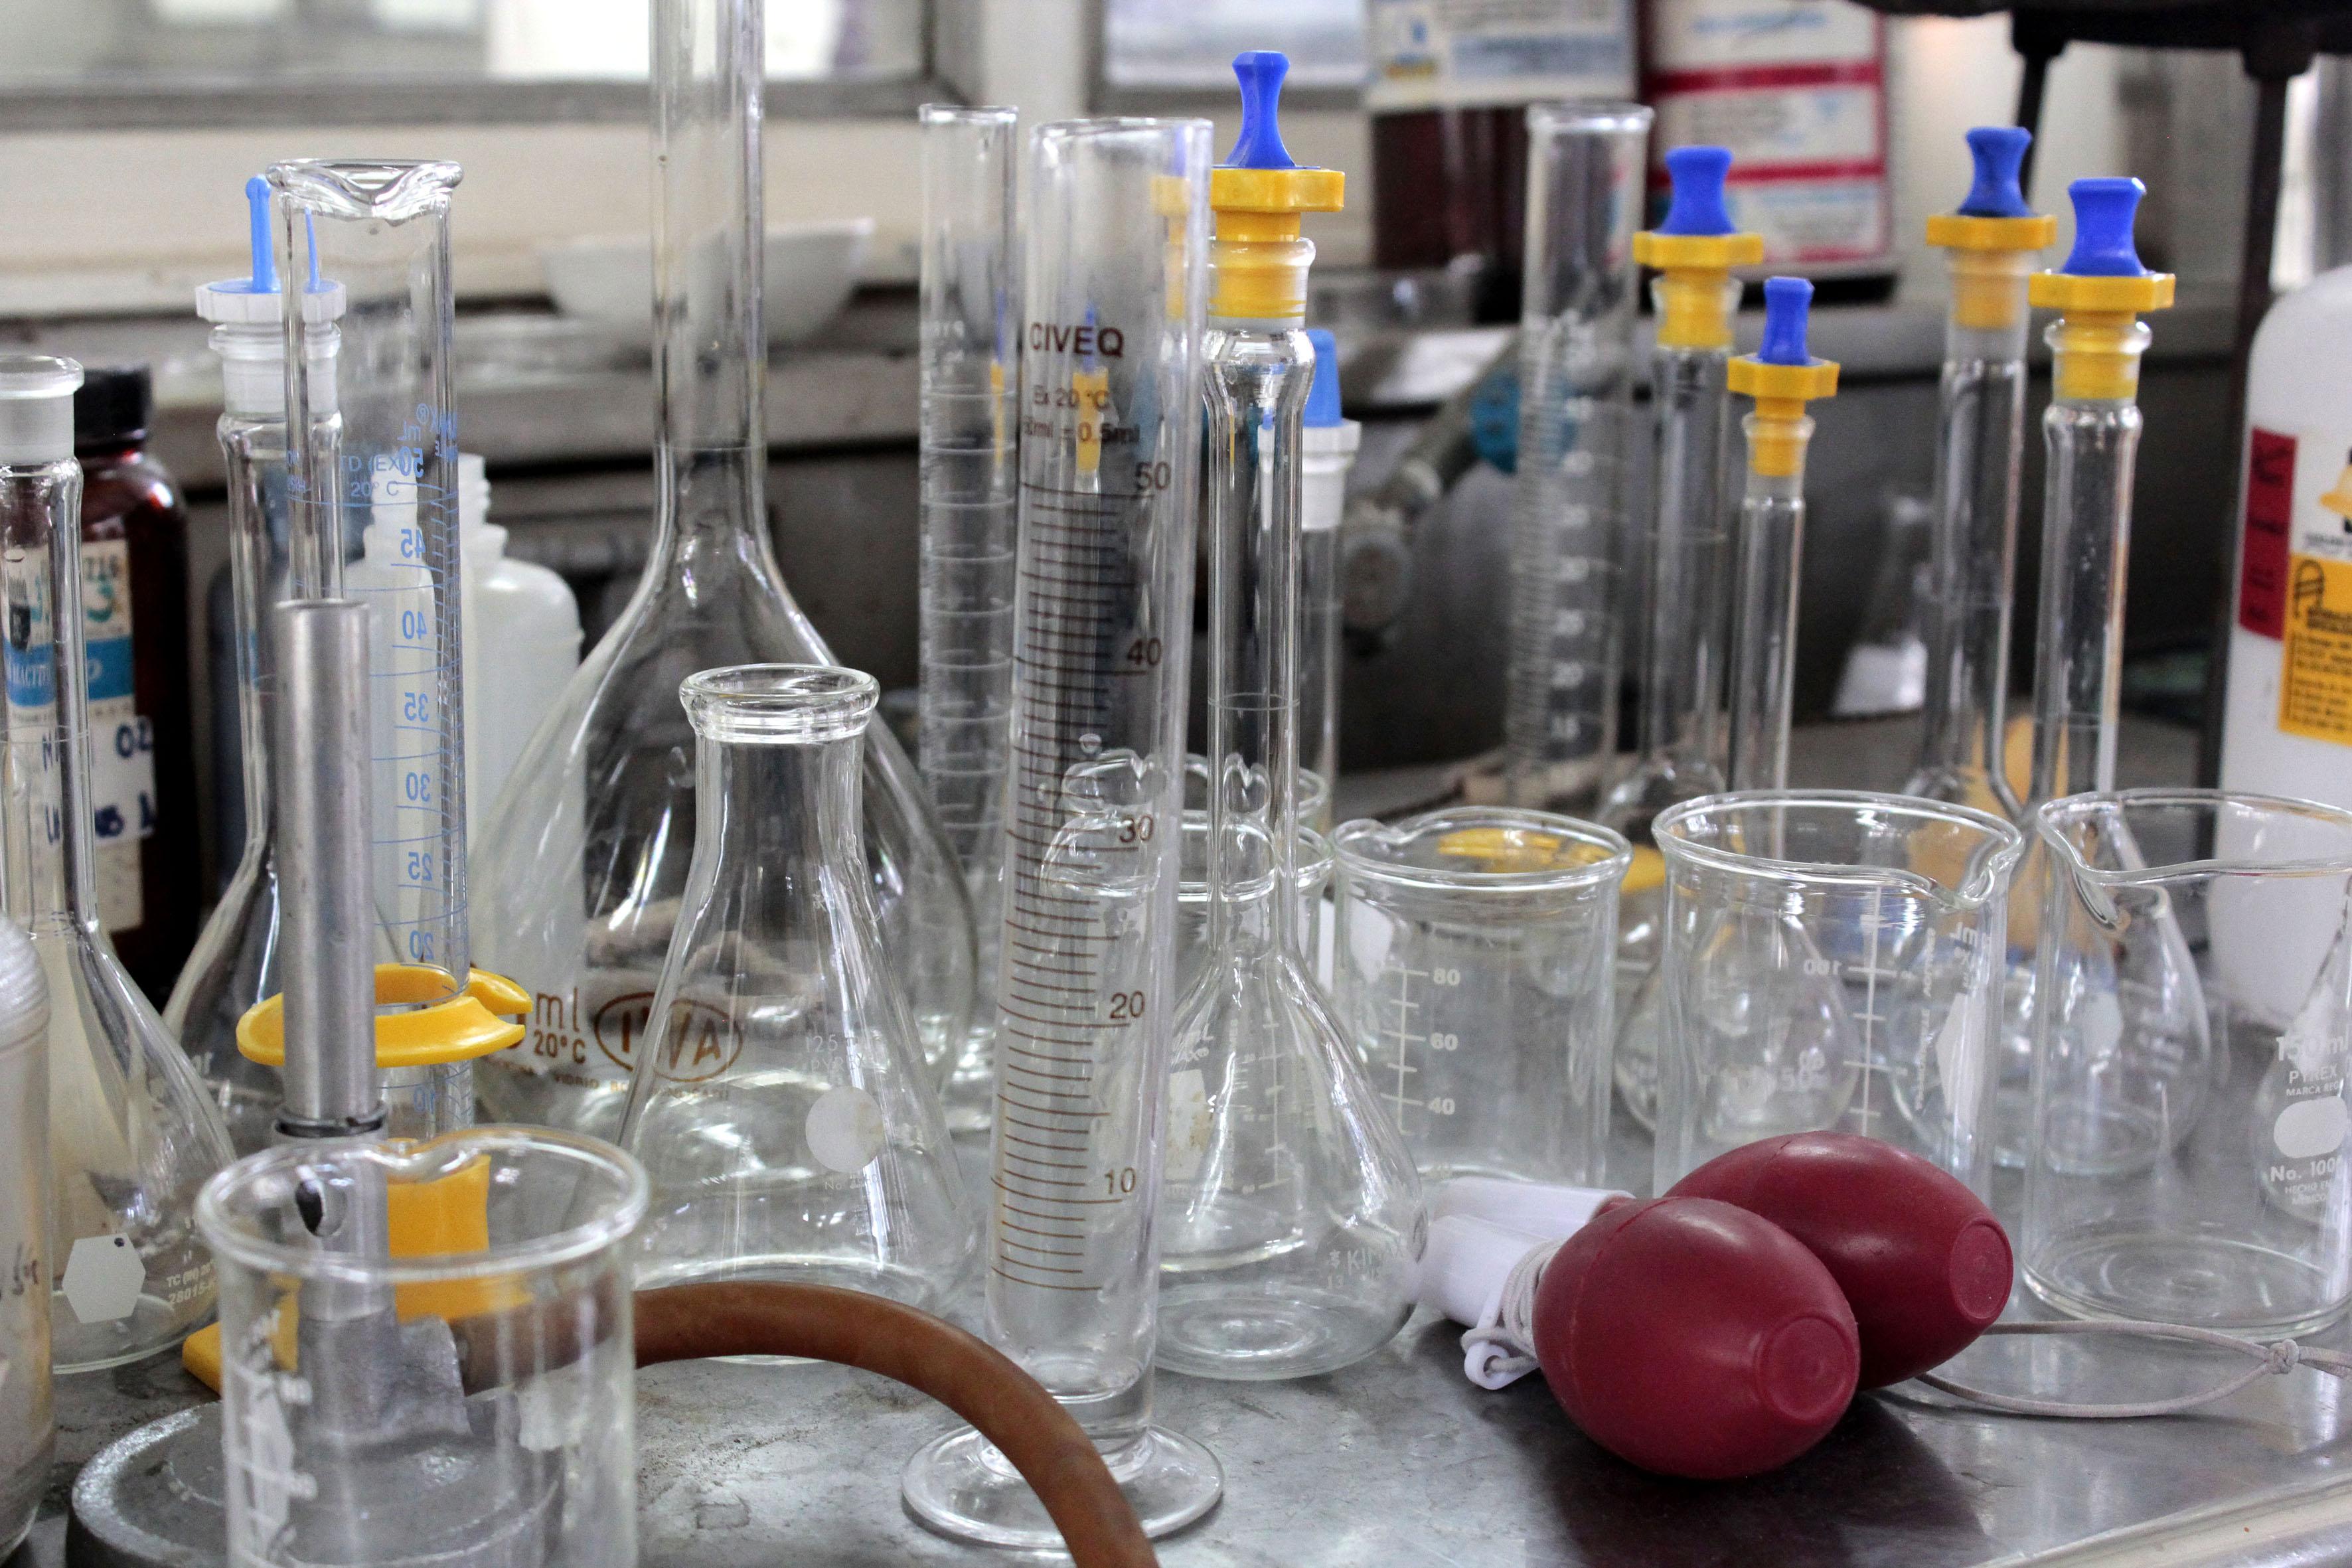 Equipo y materiales de laboratorio de química.